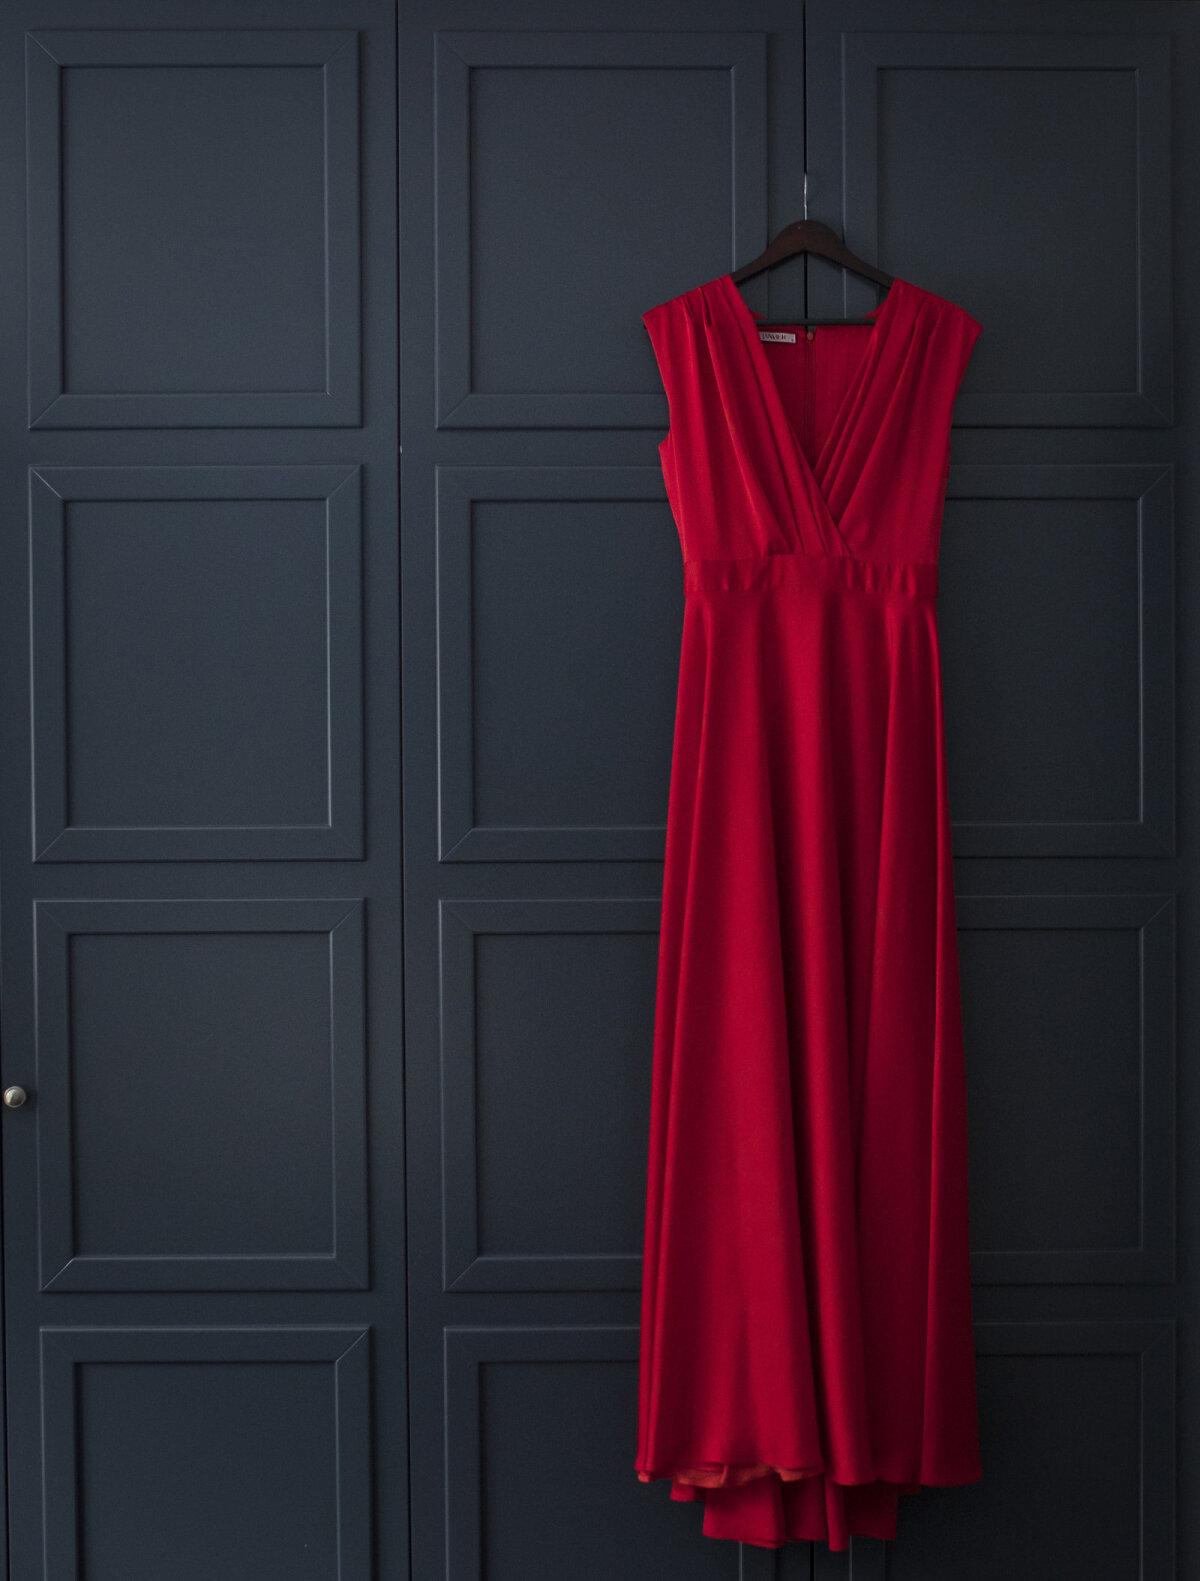 Triinu lemmik, Iris Janvieri kleit, mis valmis 2016.aasta Colonna heategevusgalaks ning mille ta sai kätte loetud minutid enne pidu.